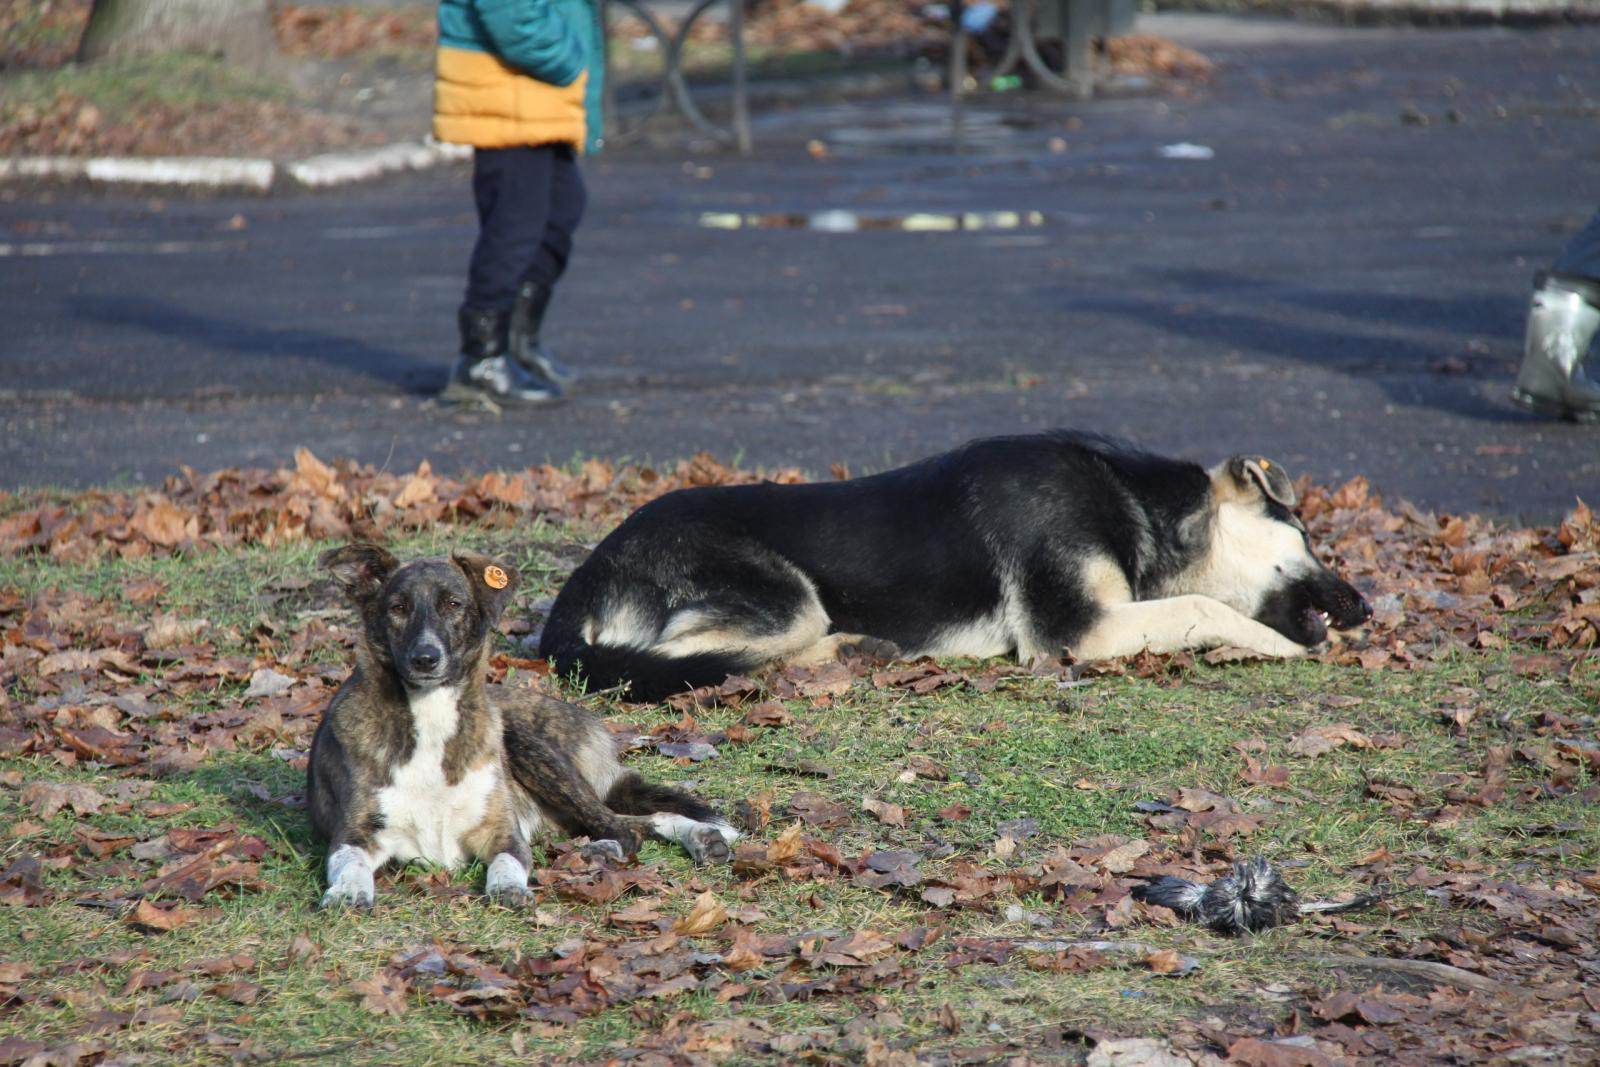 Буду краток: бешеные псы